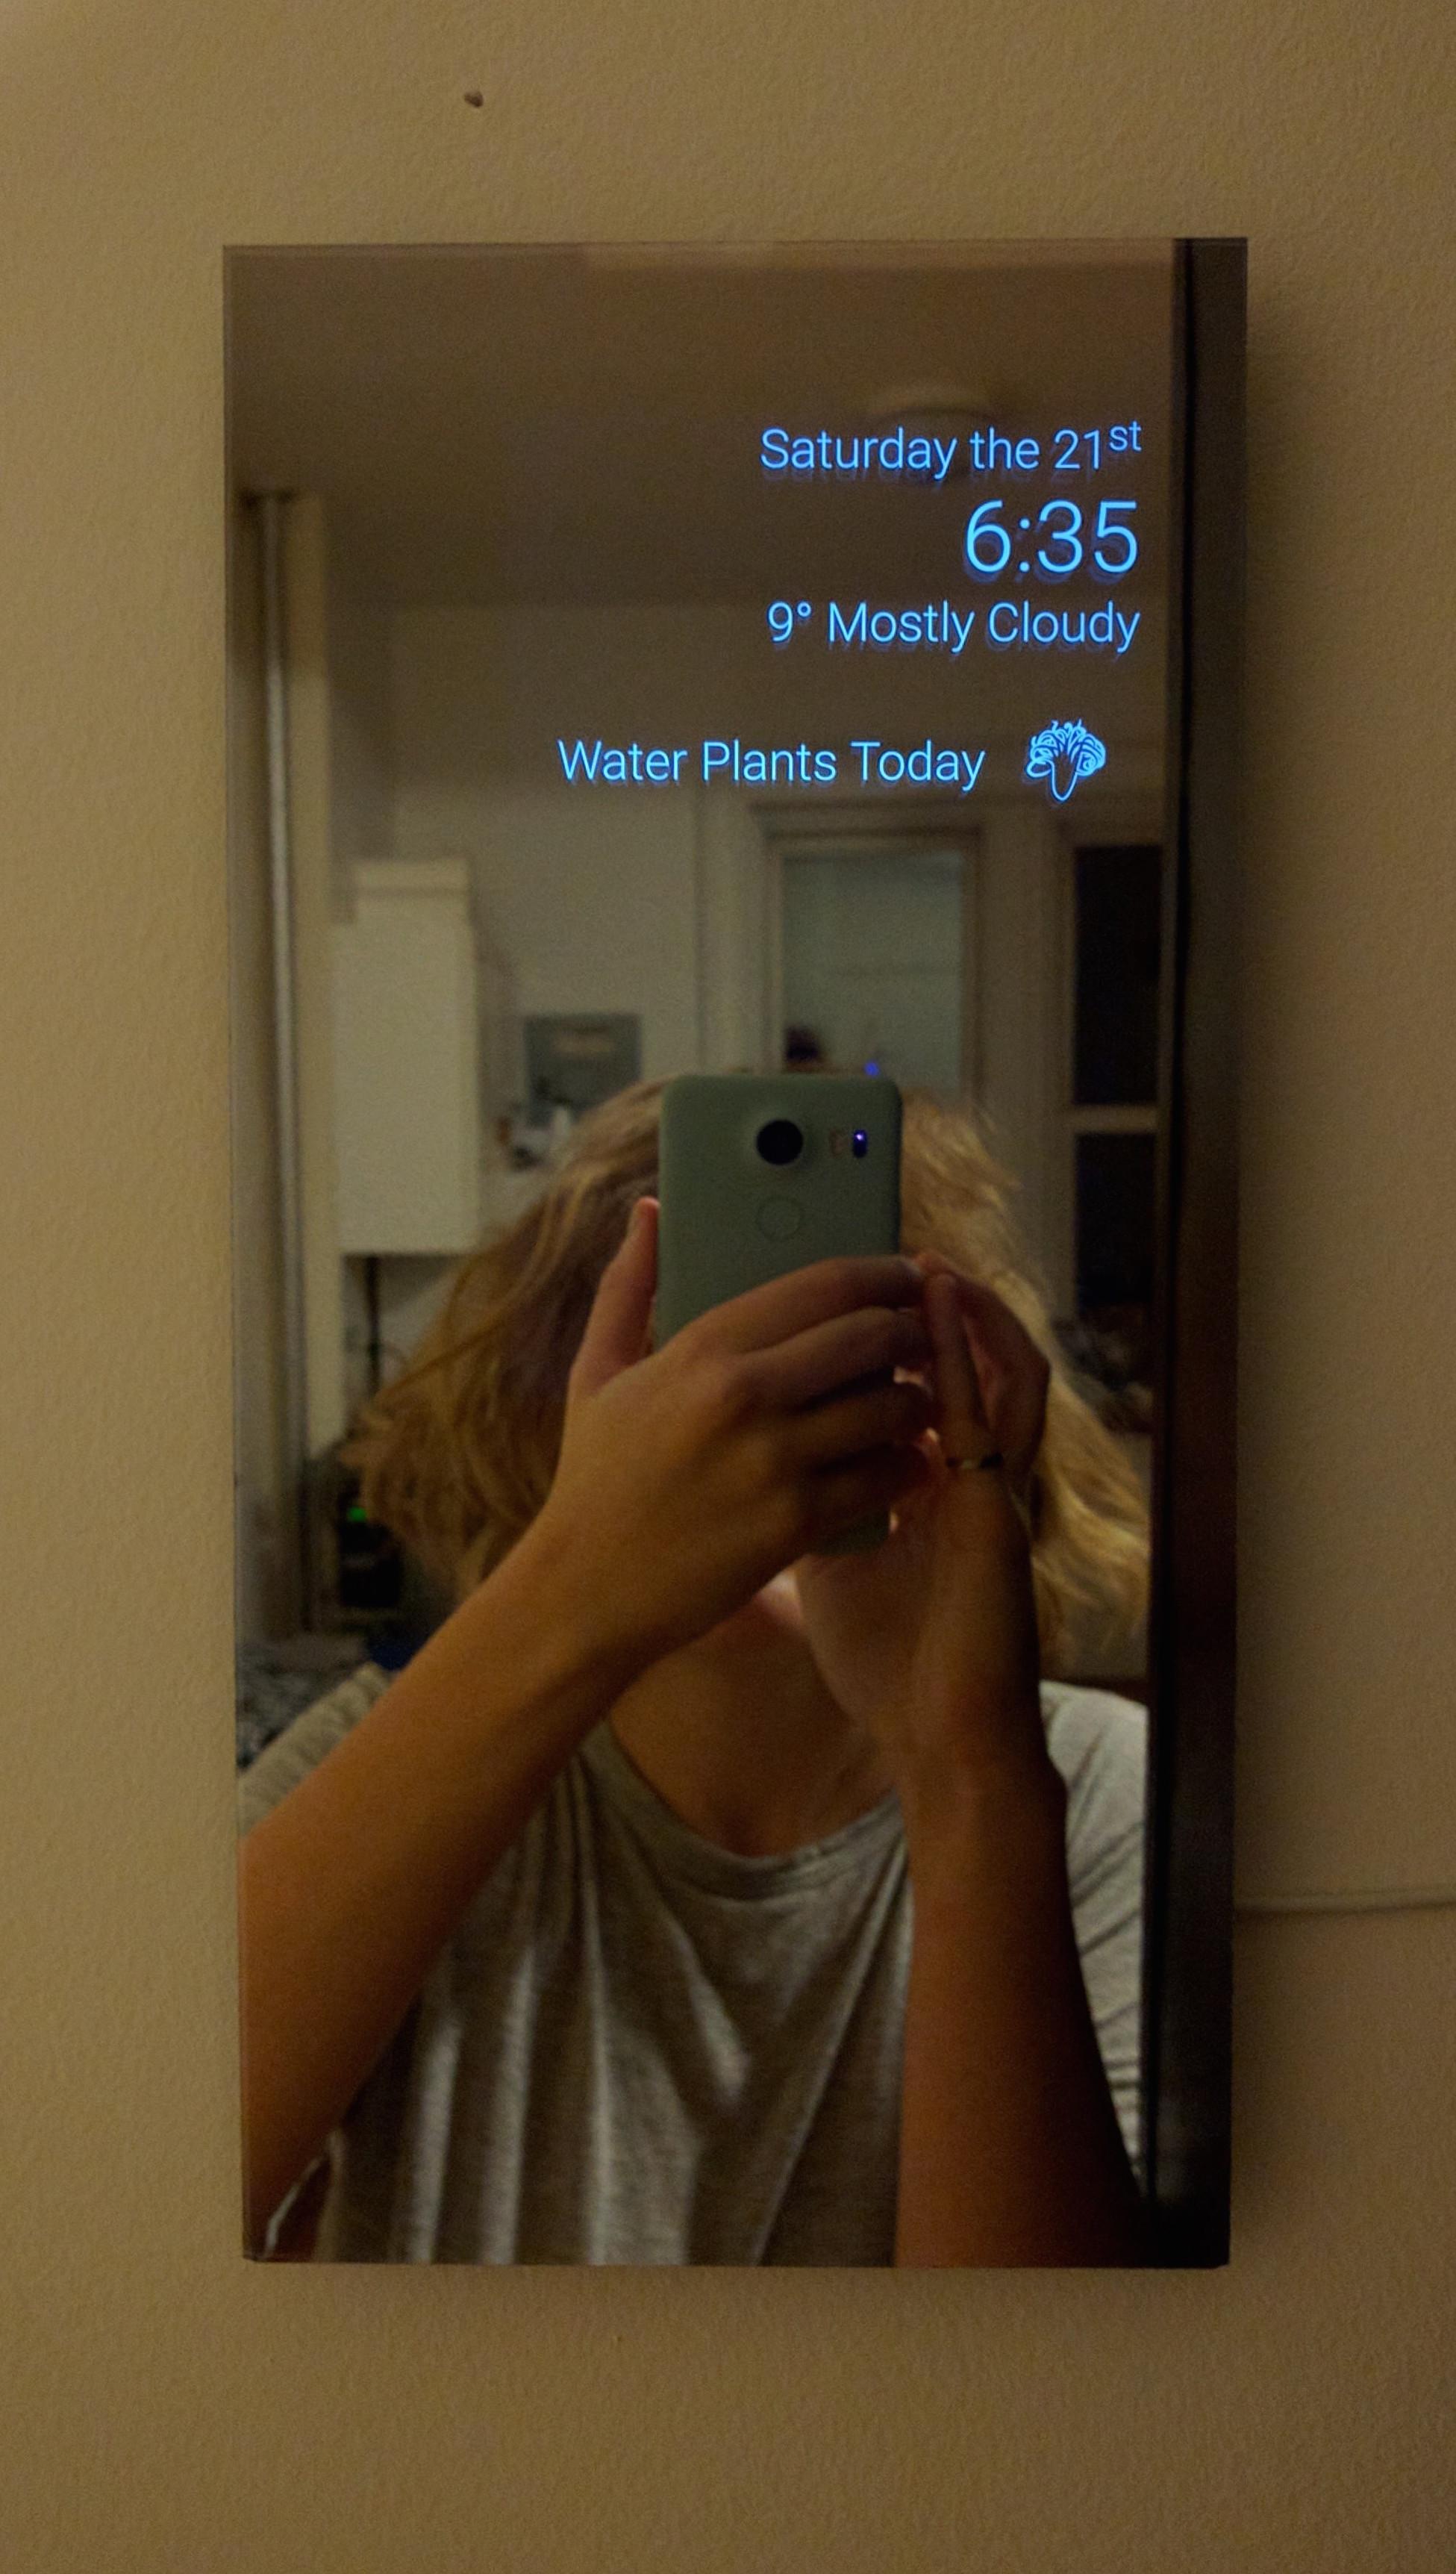 Mirror mirror app for phone | ApowerMirror  2019-06-23